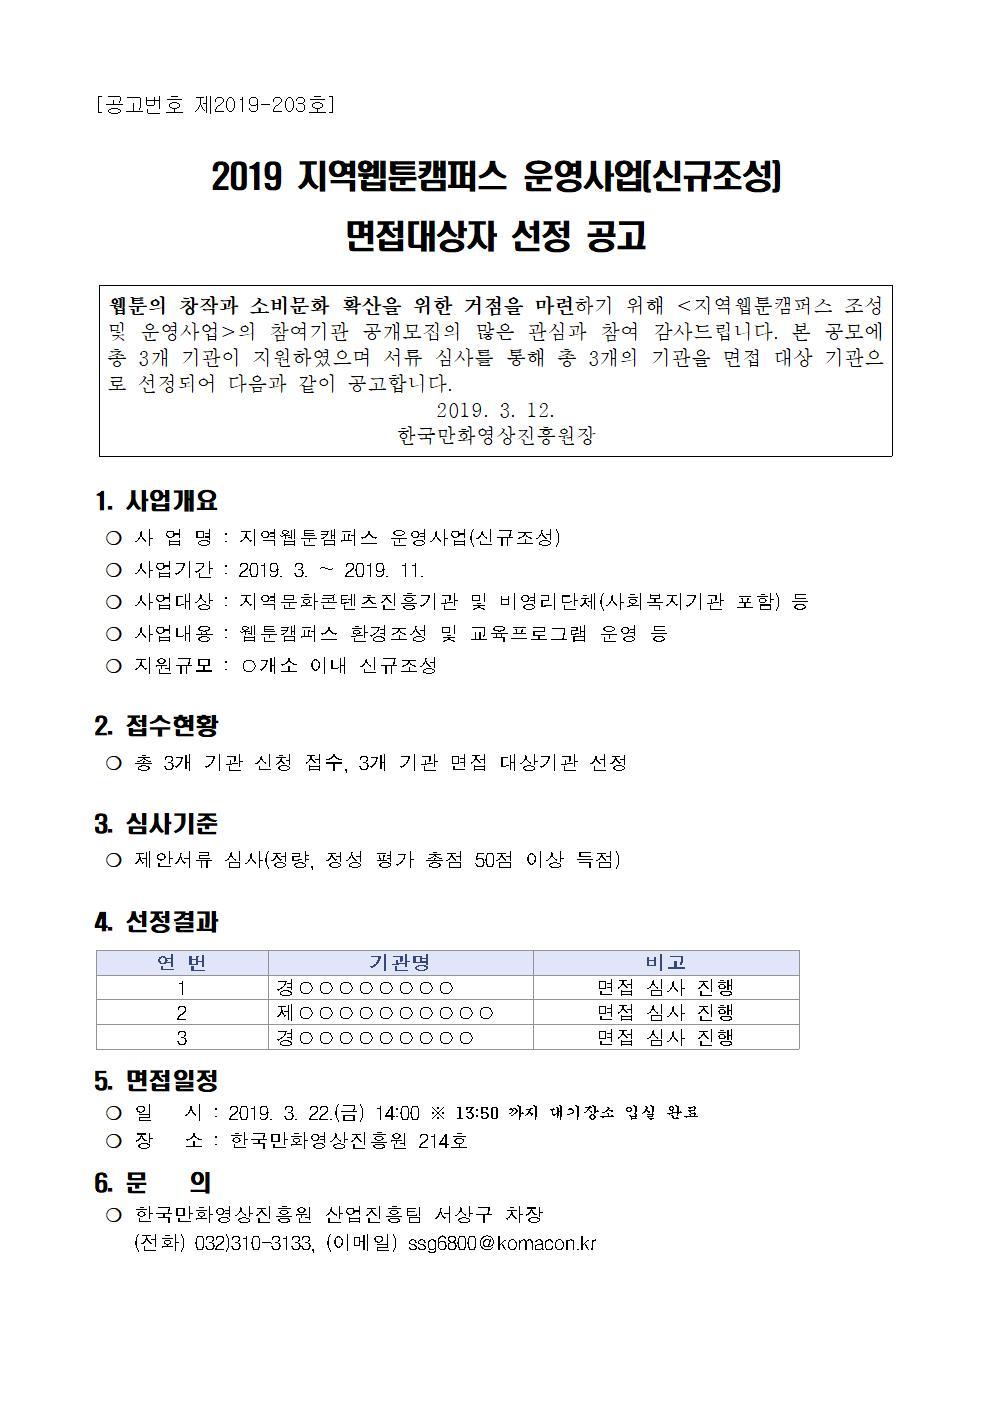 2019 지역웹툰캠퍼스 조성 및 운영 면접 공고문001.jpg